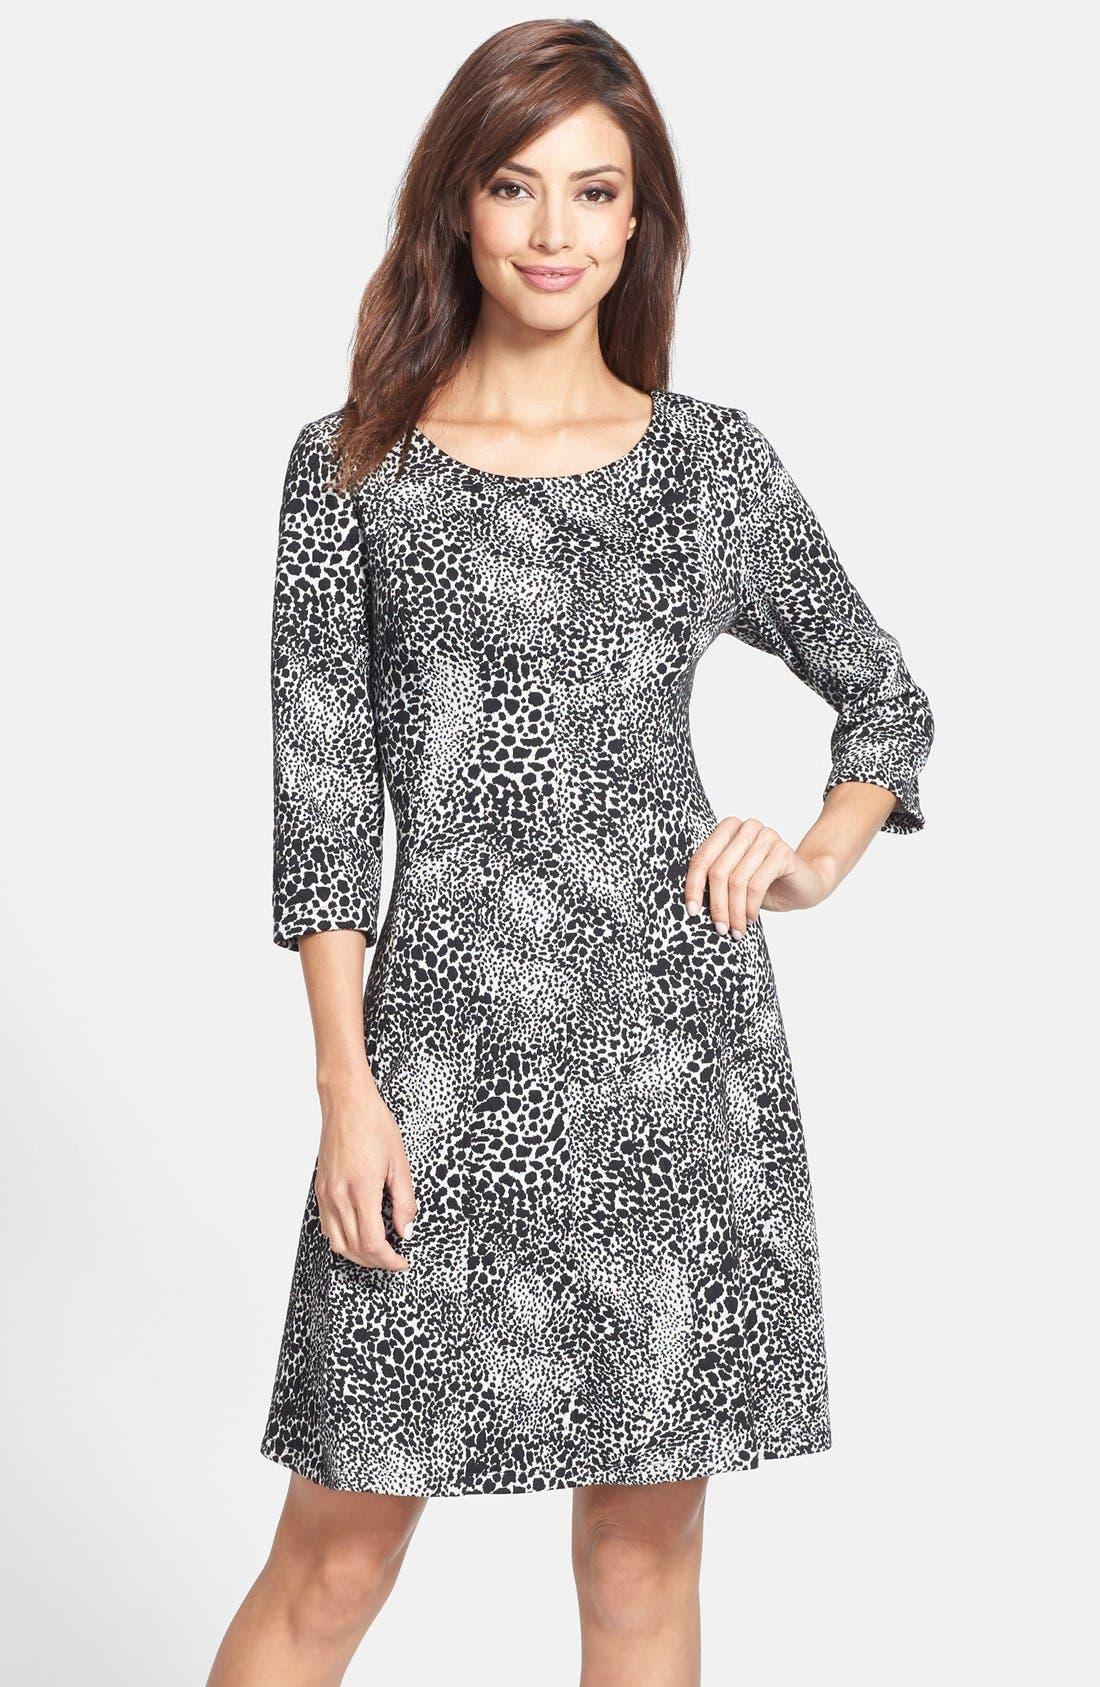 Main Image - Taylor Dresses Jacquard Knit Fit & Flare Dress (Regular & Petite)